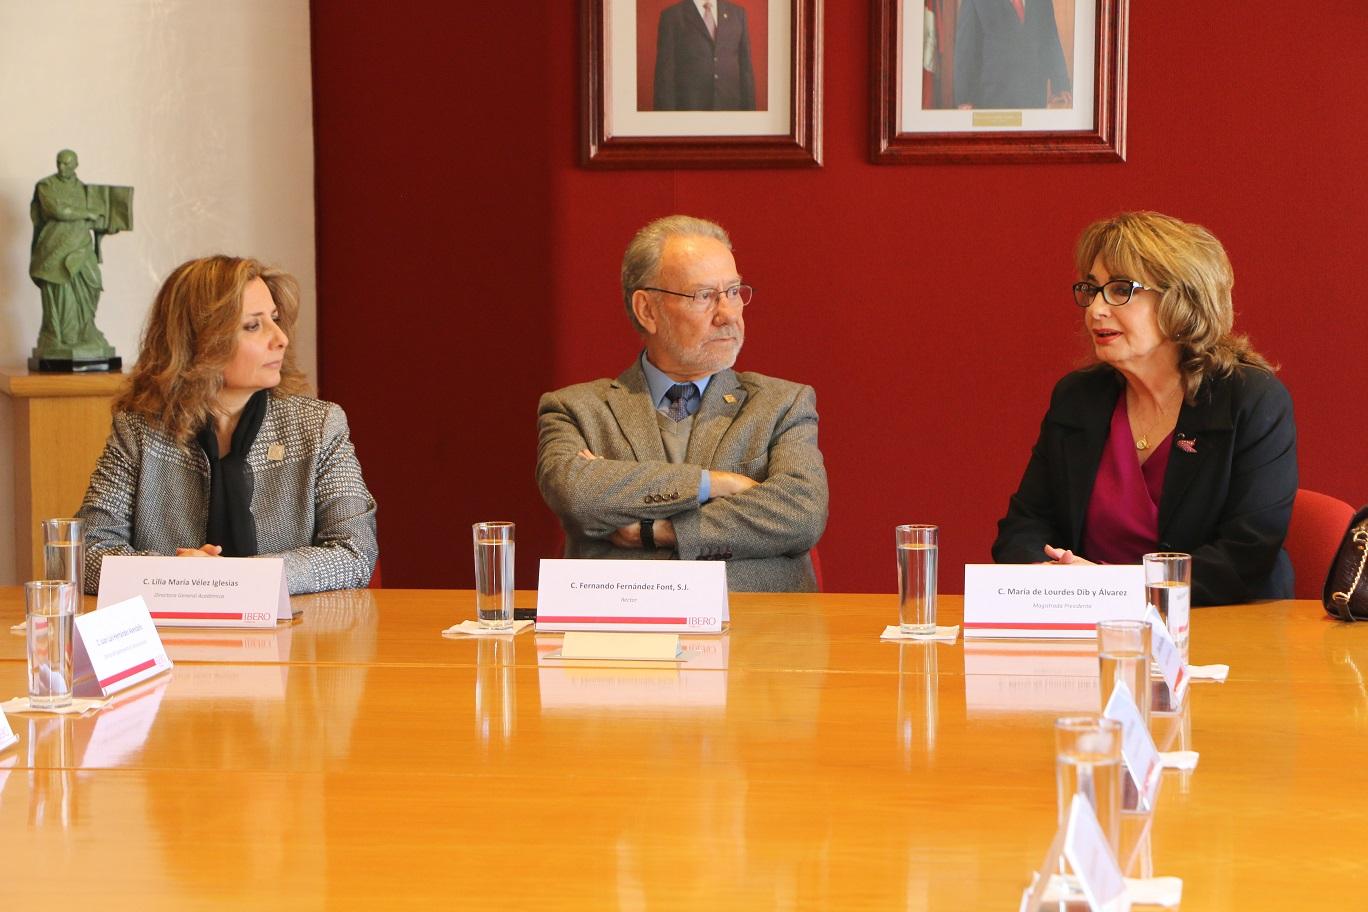 Recibe Ibero a magistrados del Tribunal de Justicia Administrativa